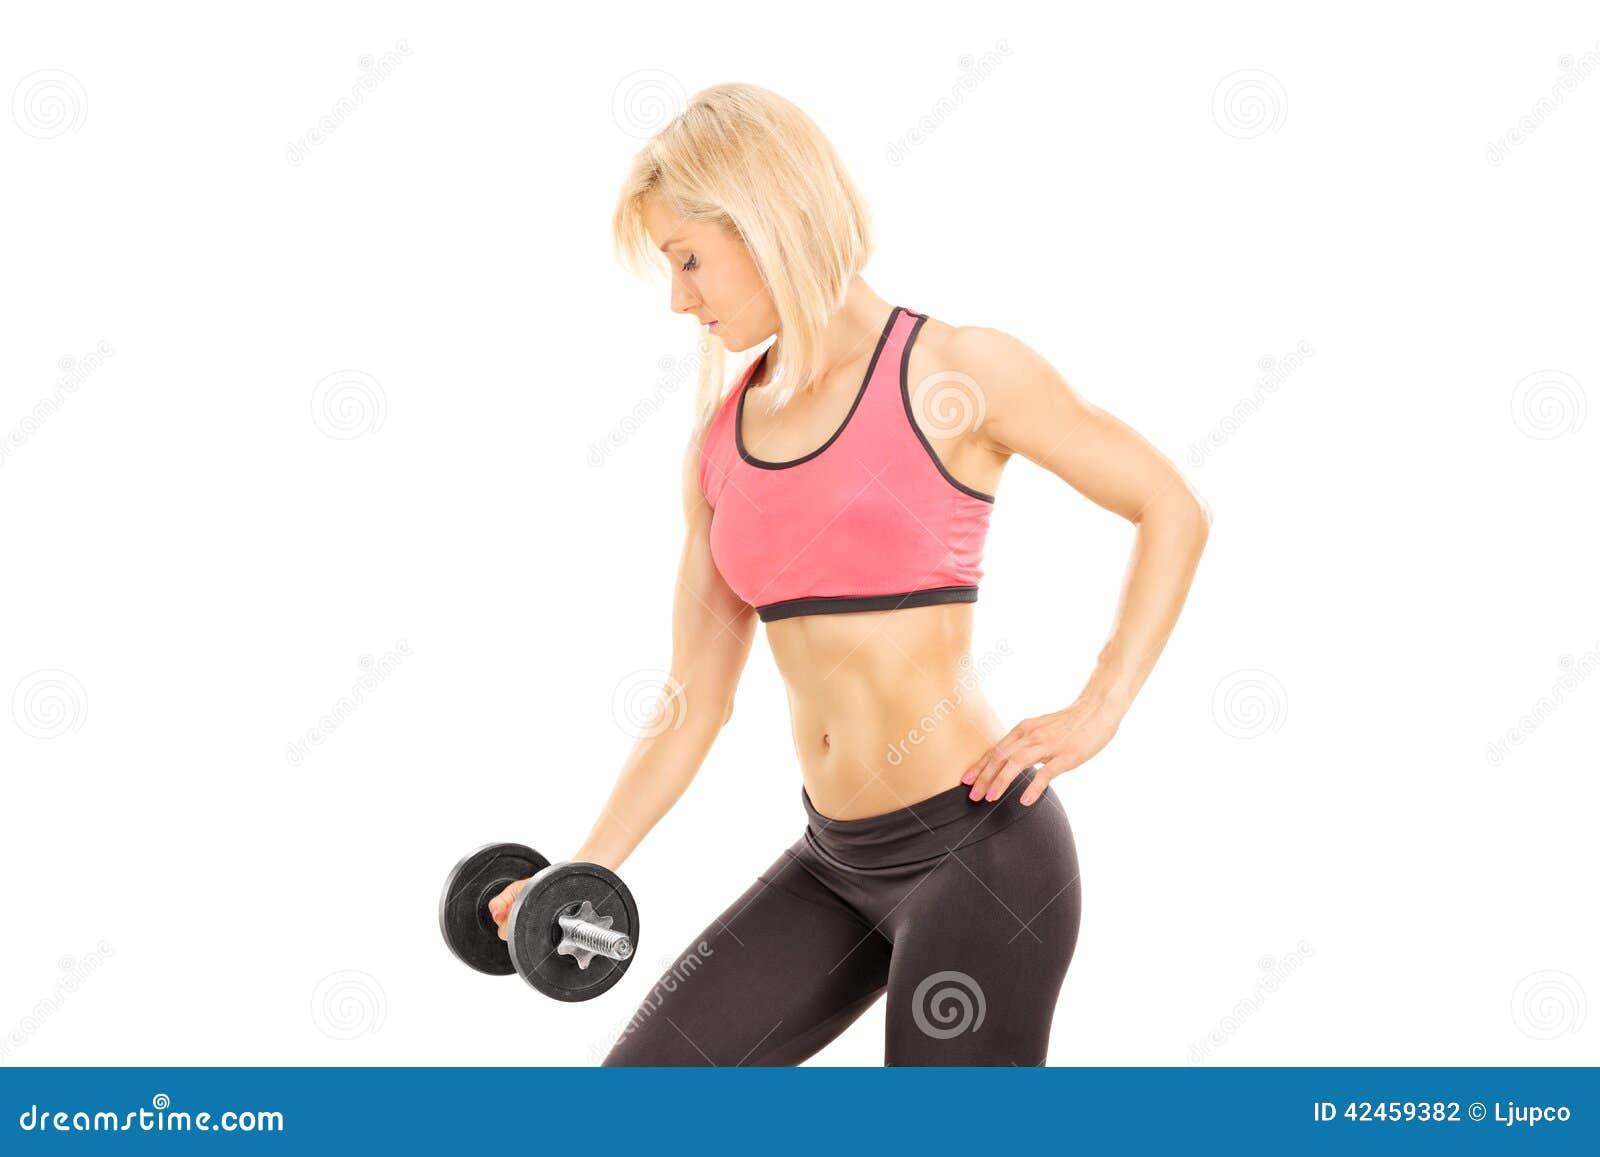 Attraktive Frau, die mit einem Barbell trainiert